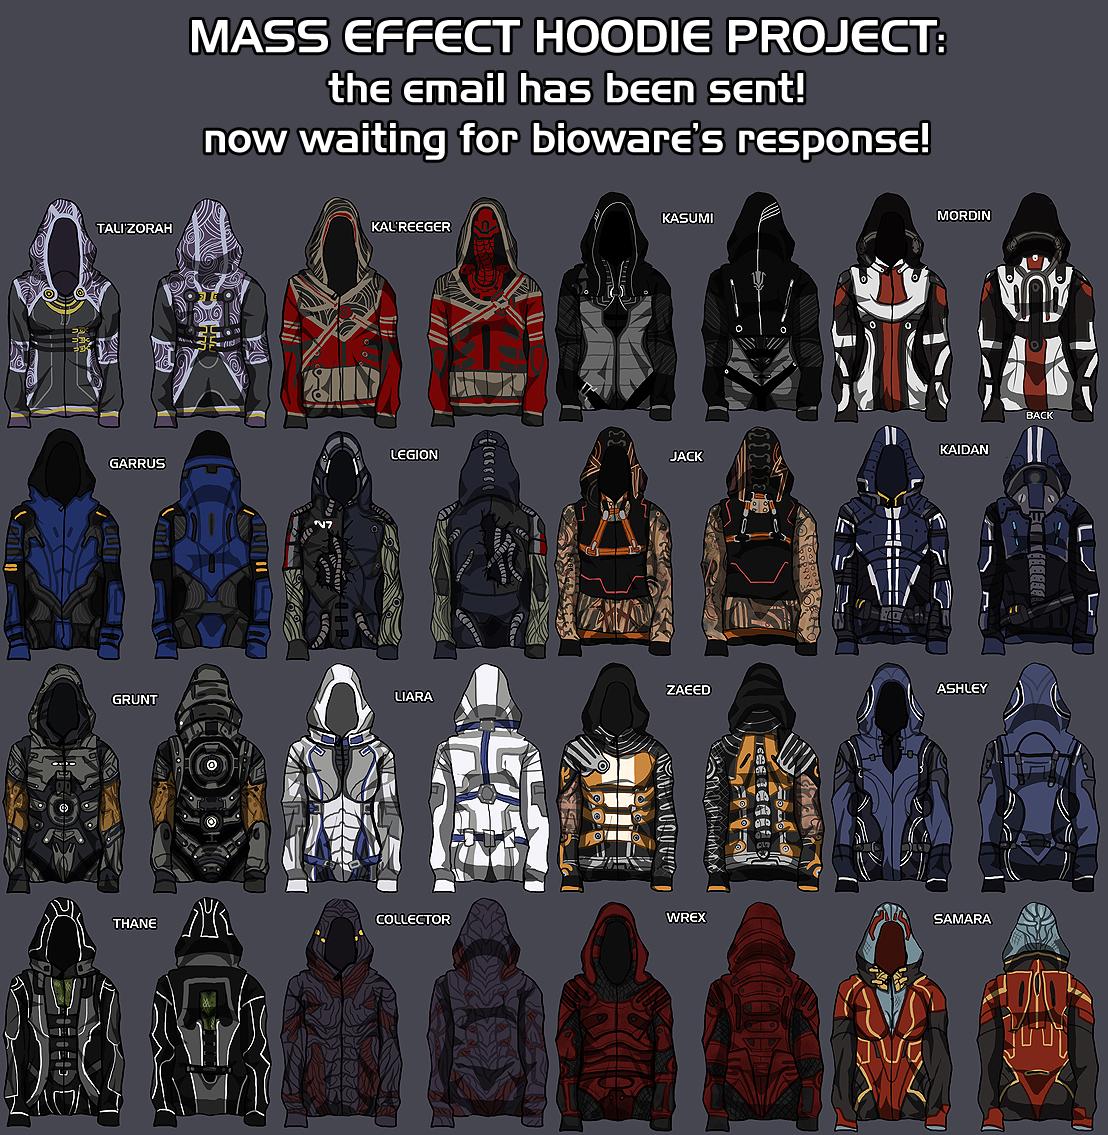 Mass effect hoodies